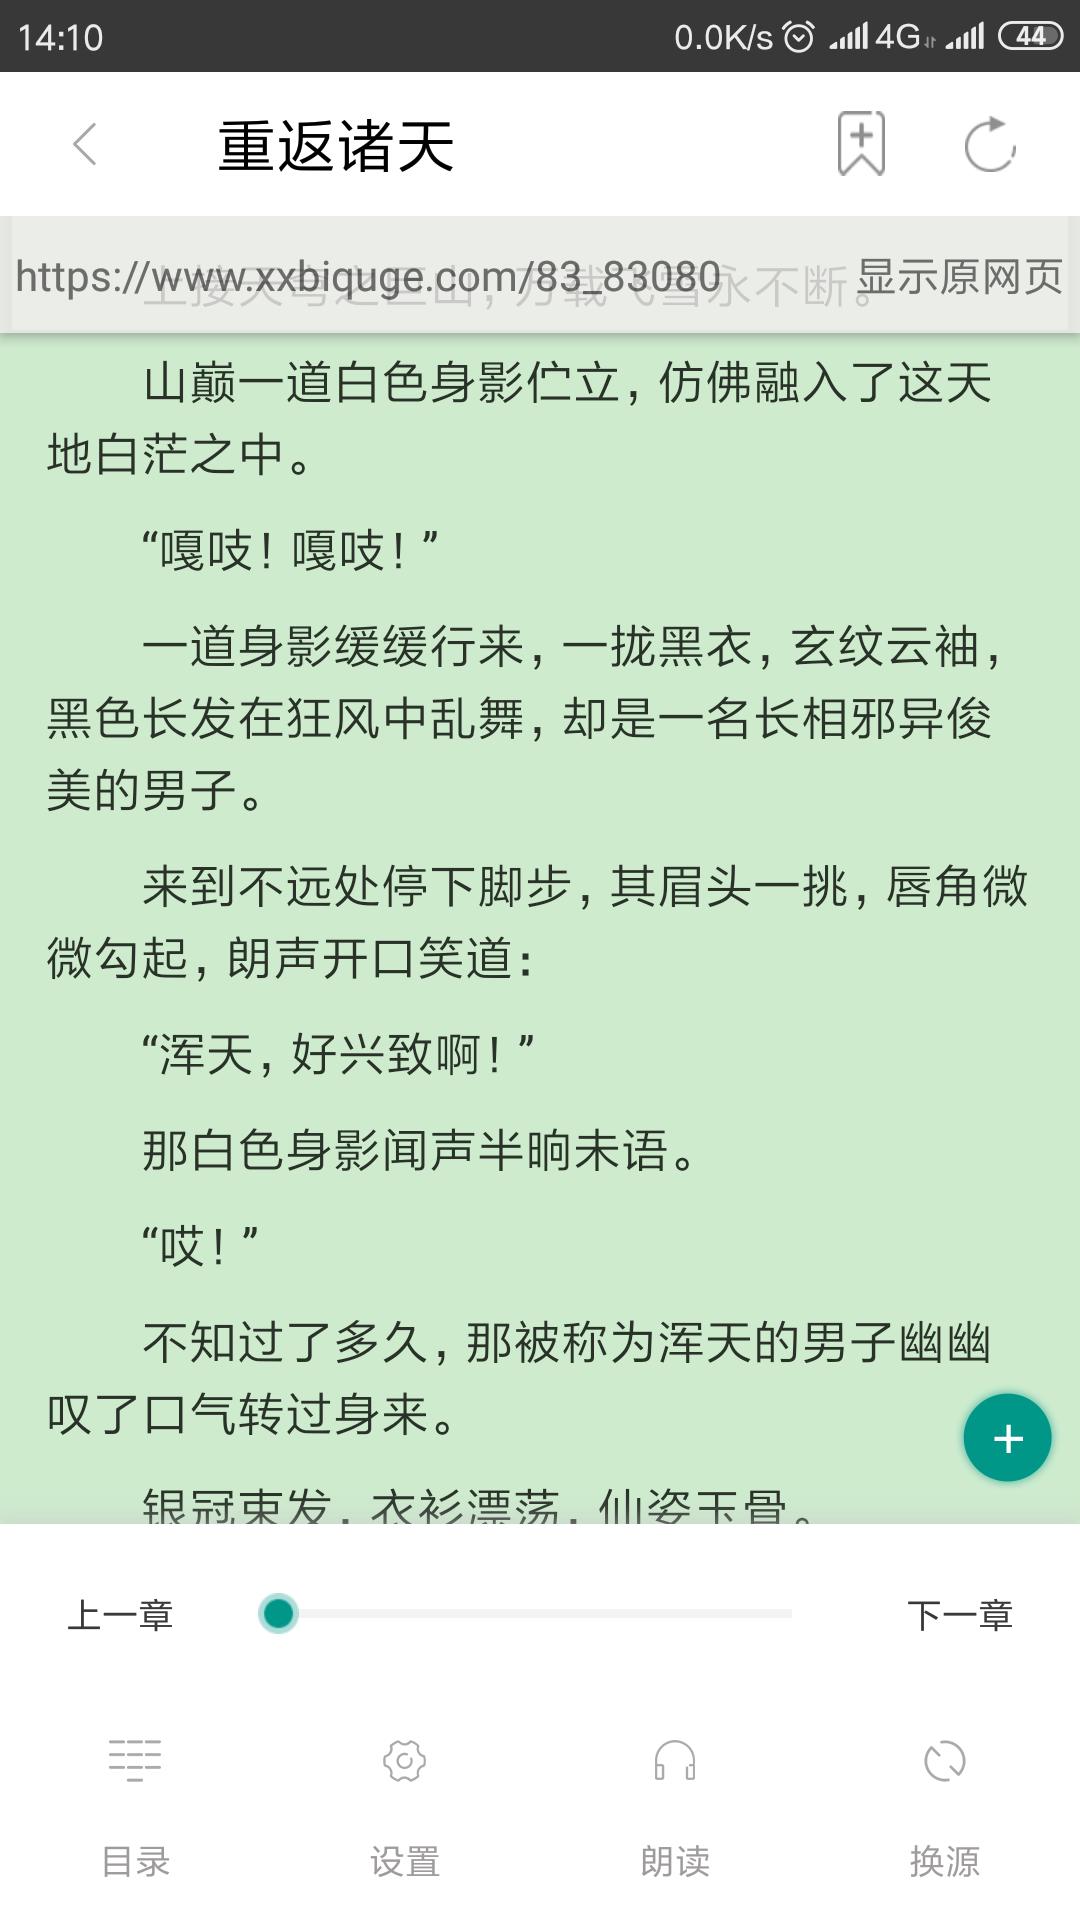 书掌柜免费无广告看书,还支持更换书源(Android/iOS)